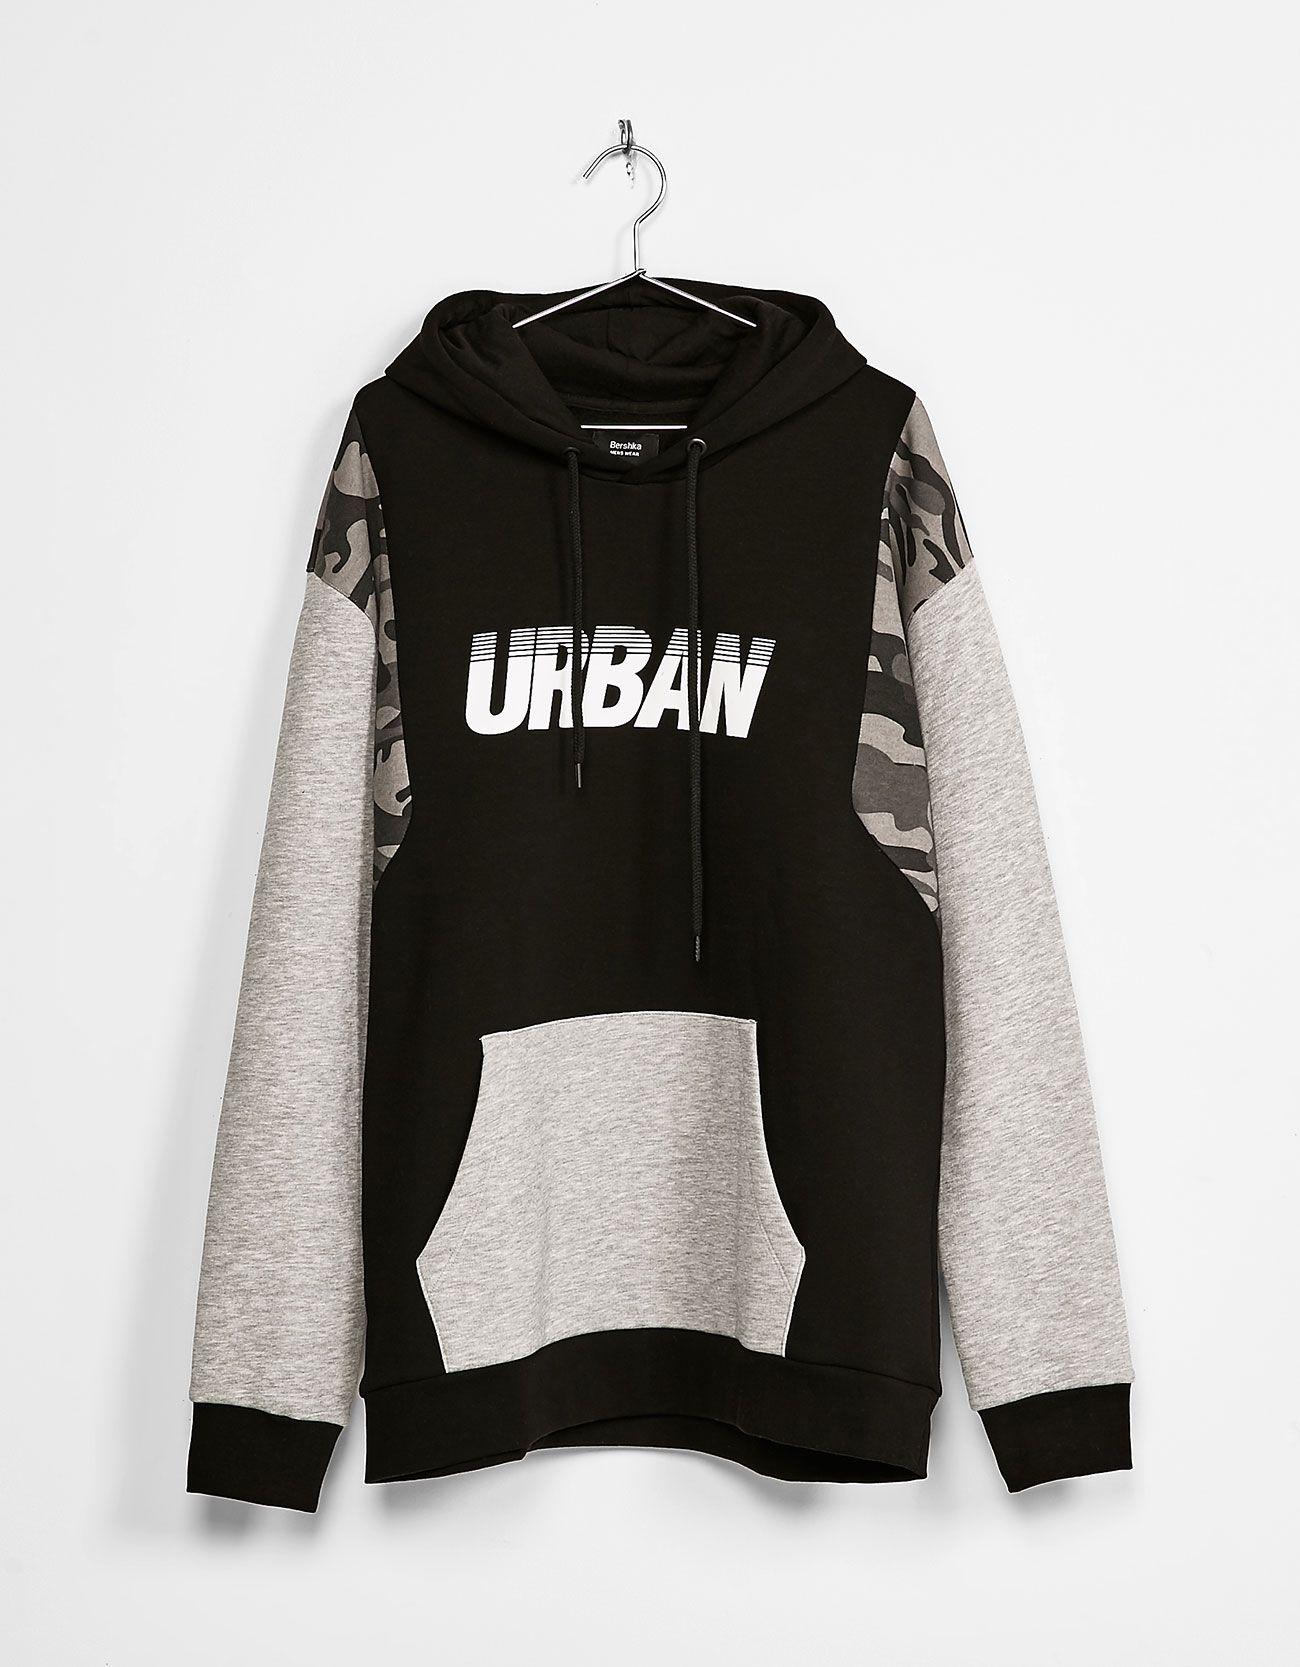 89c66404cb4 Sudadera con capucha cortes urban ny. Descubre ésta y muchas otras prendas  en Bershka con nuevos productos cada semana